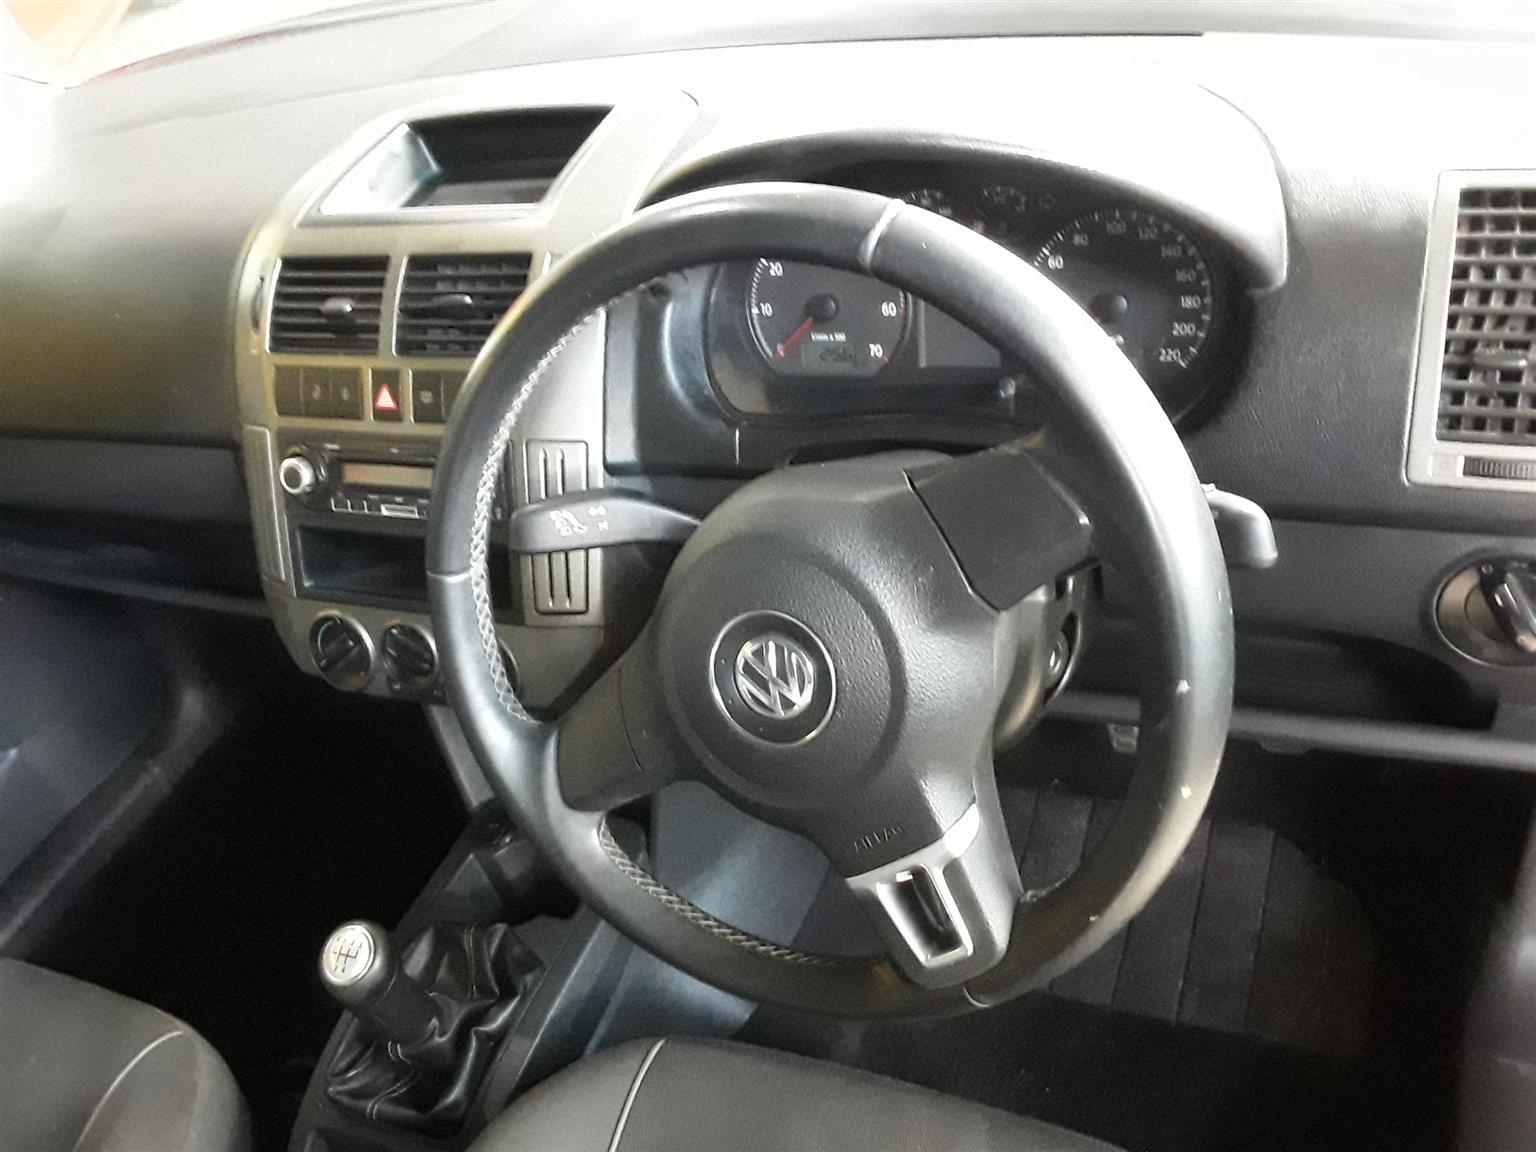 2013 VW Polo Vivo hatch 1.4 Eclipse